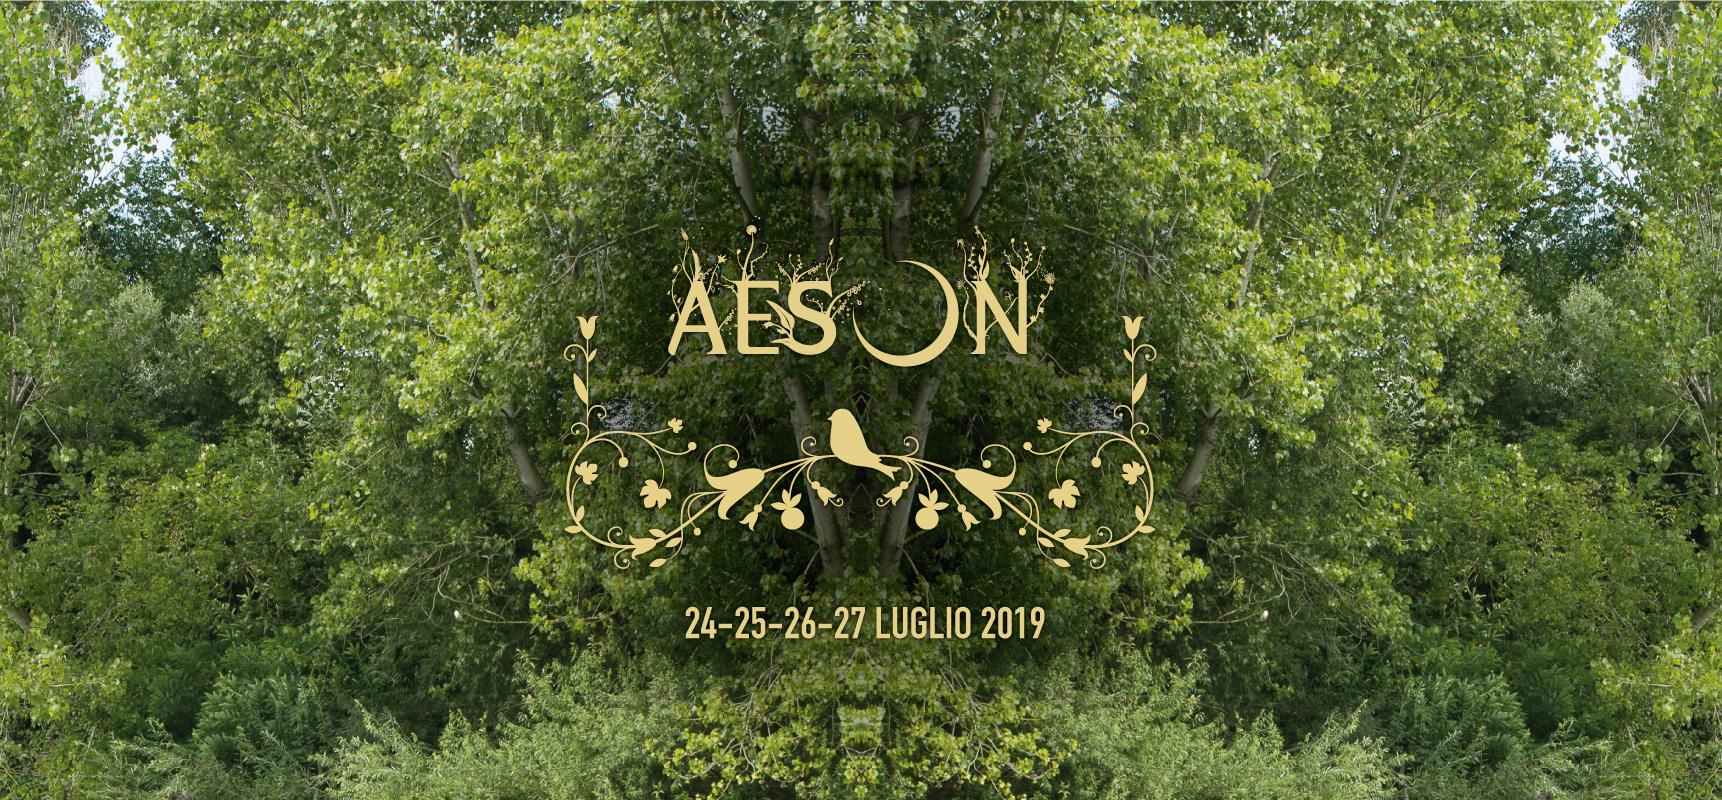 Aeson